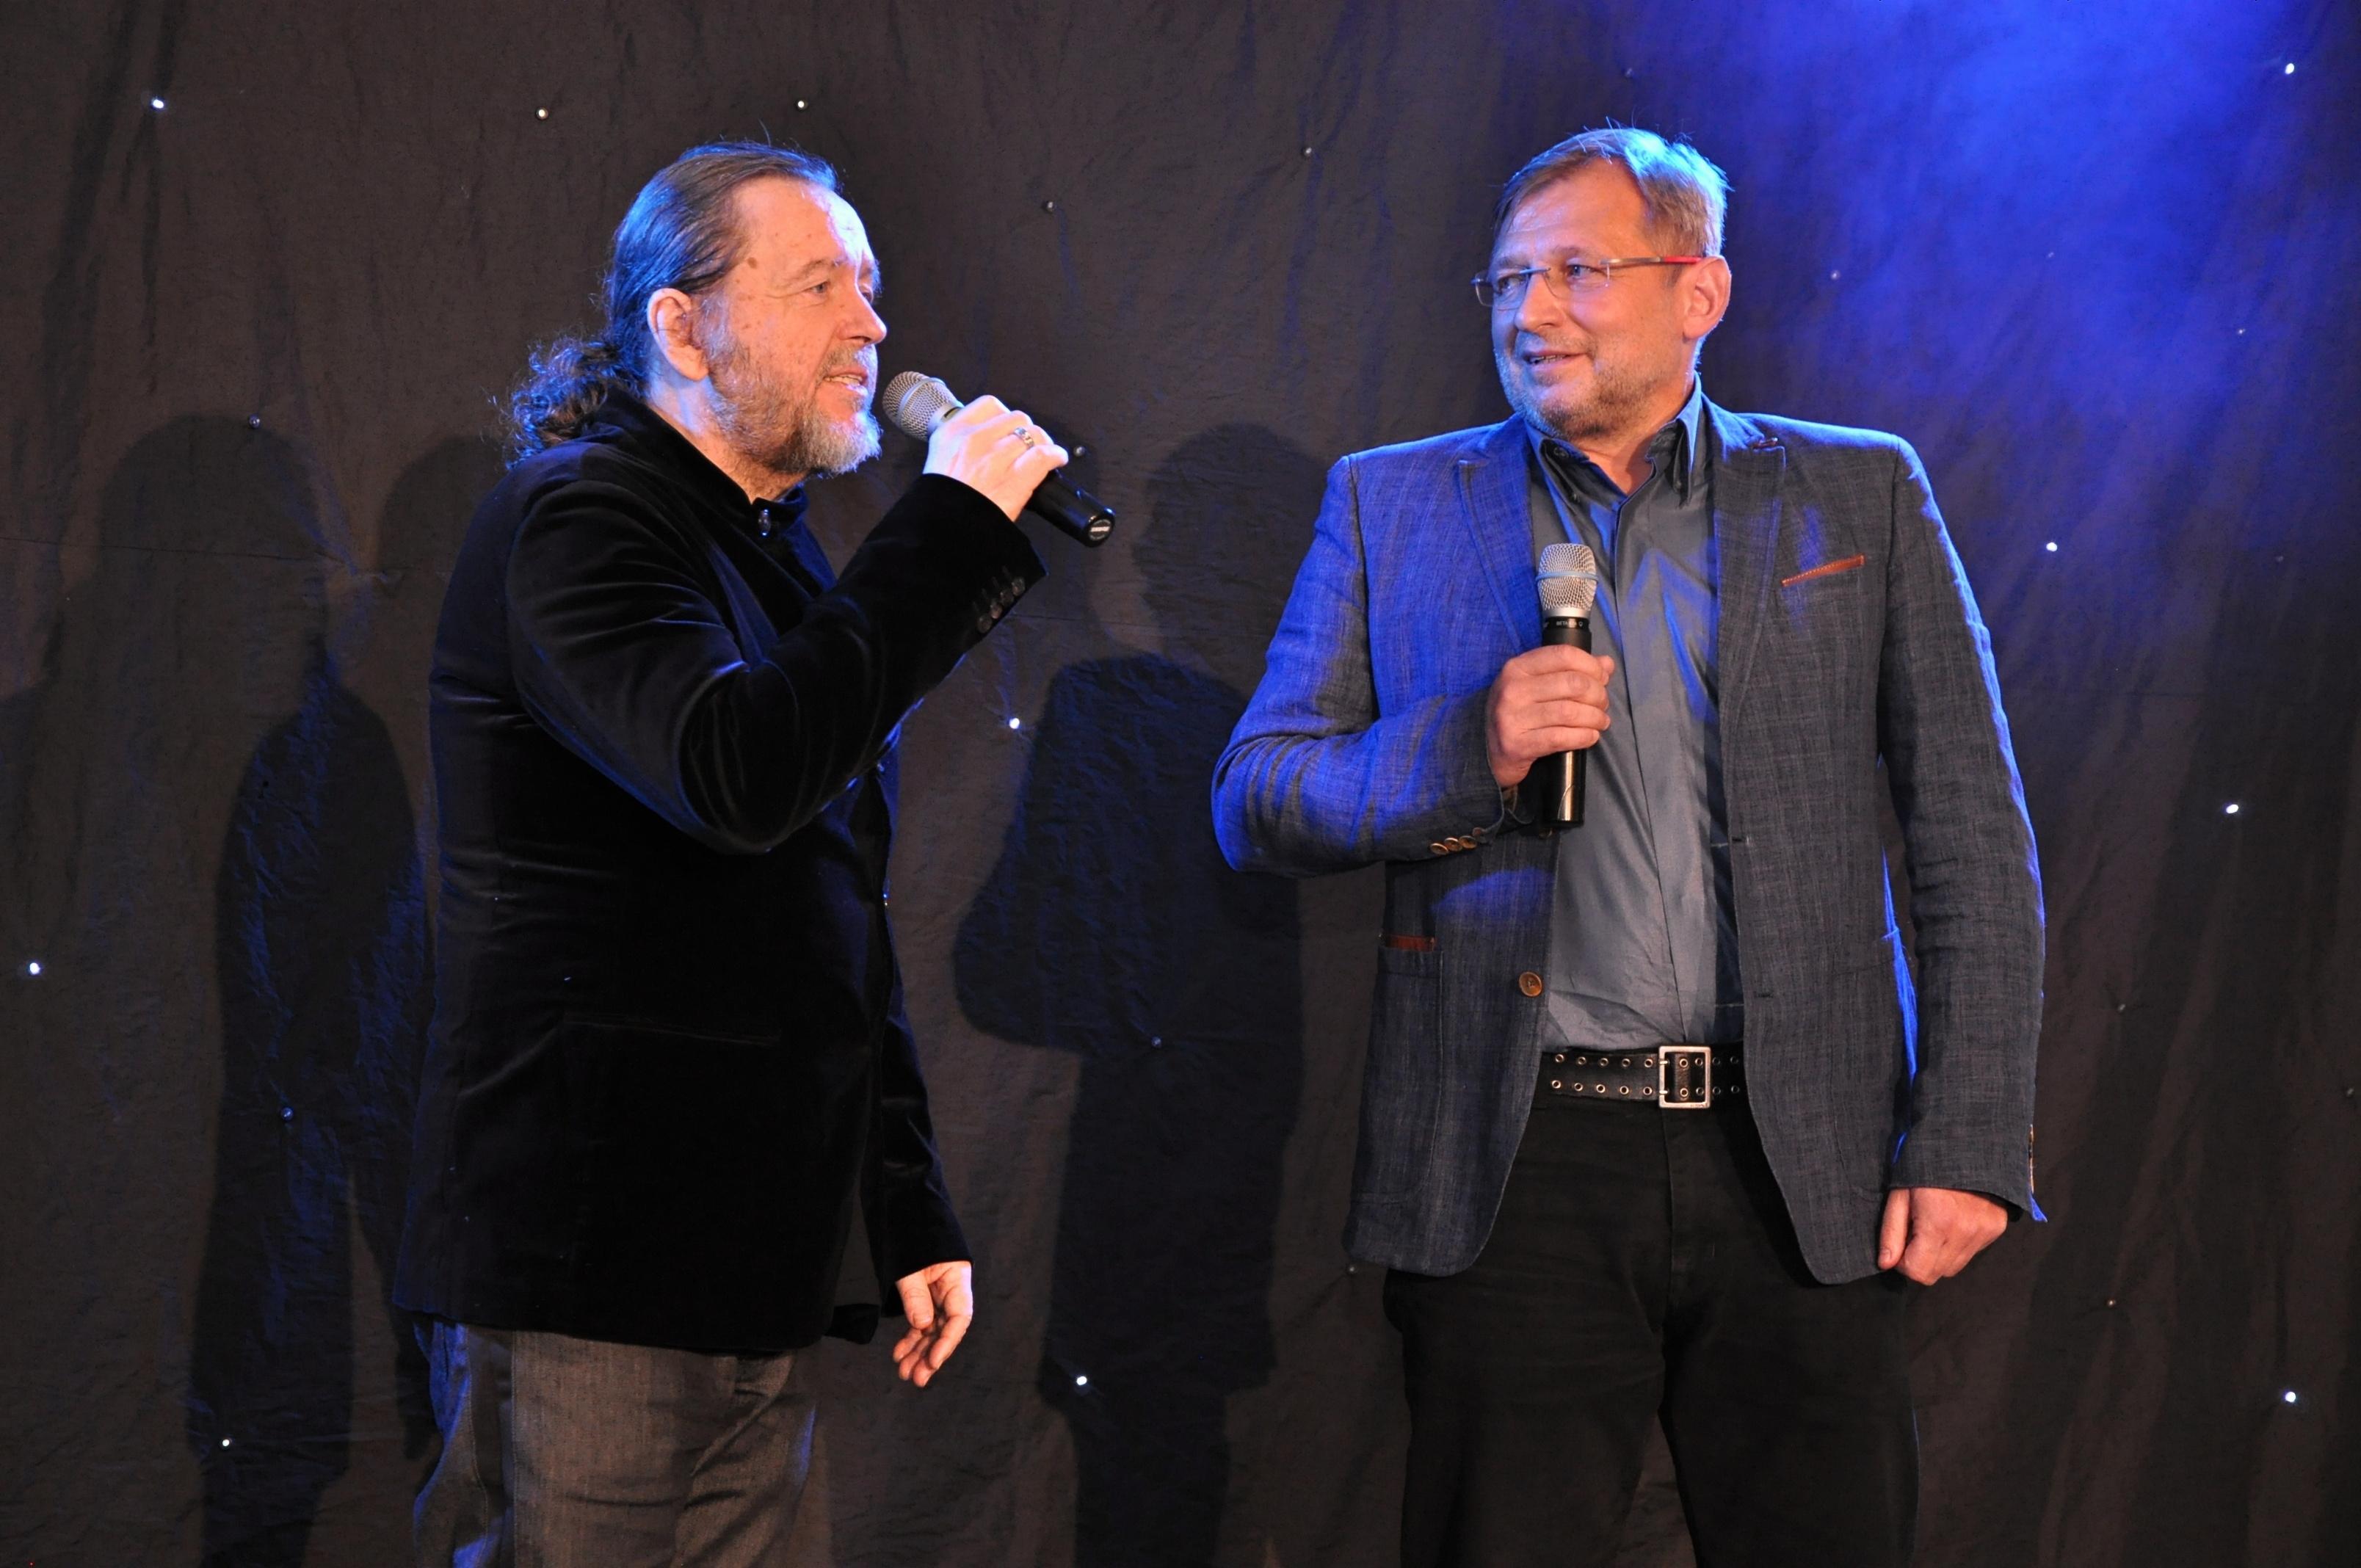 Petr_Průša_Photo100